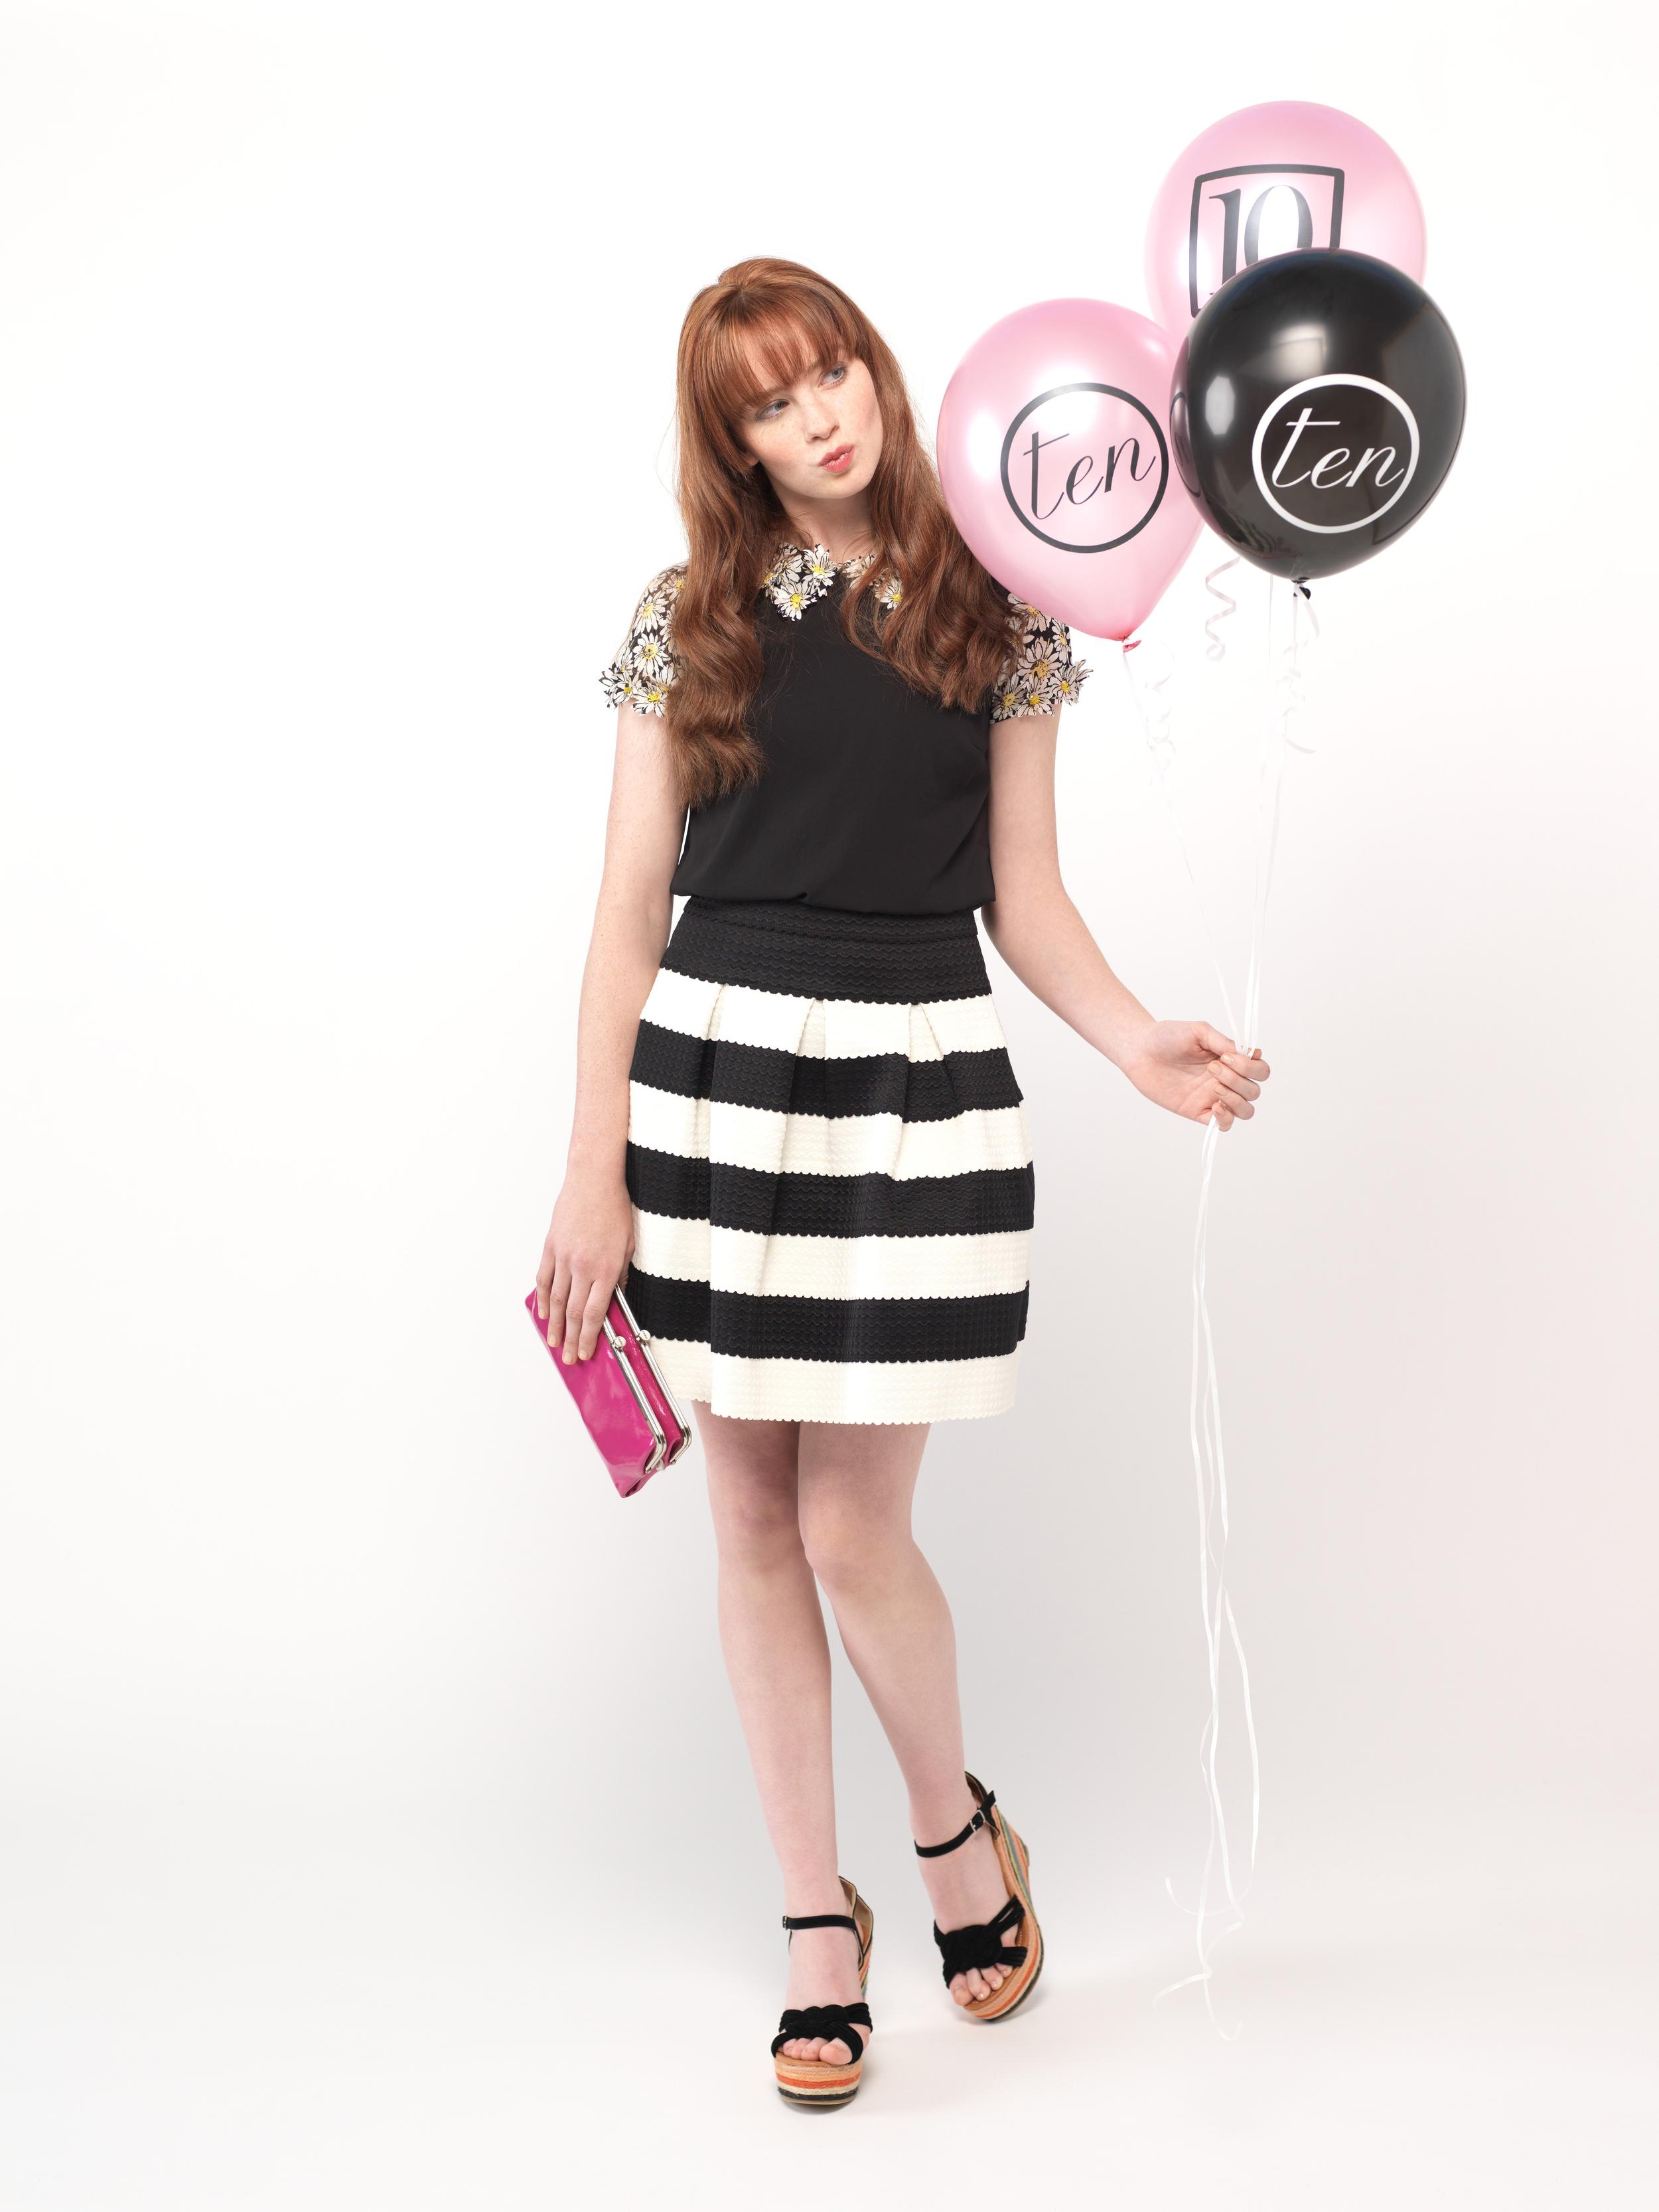 Lauren_bday_balloons2.jpg